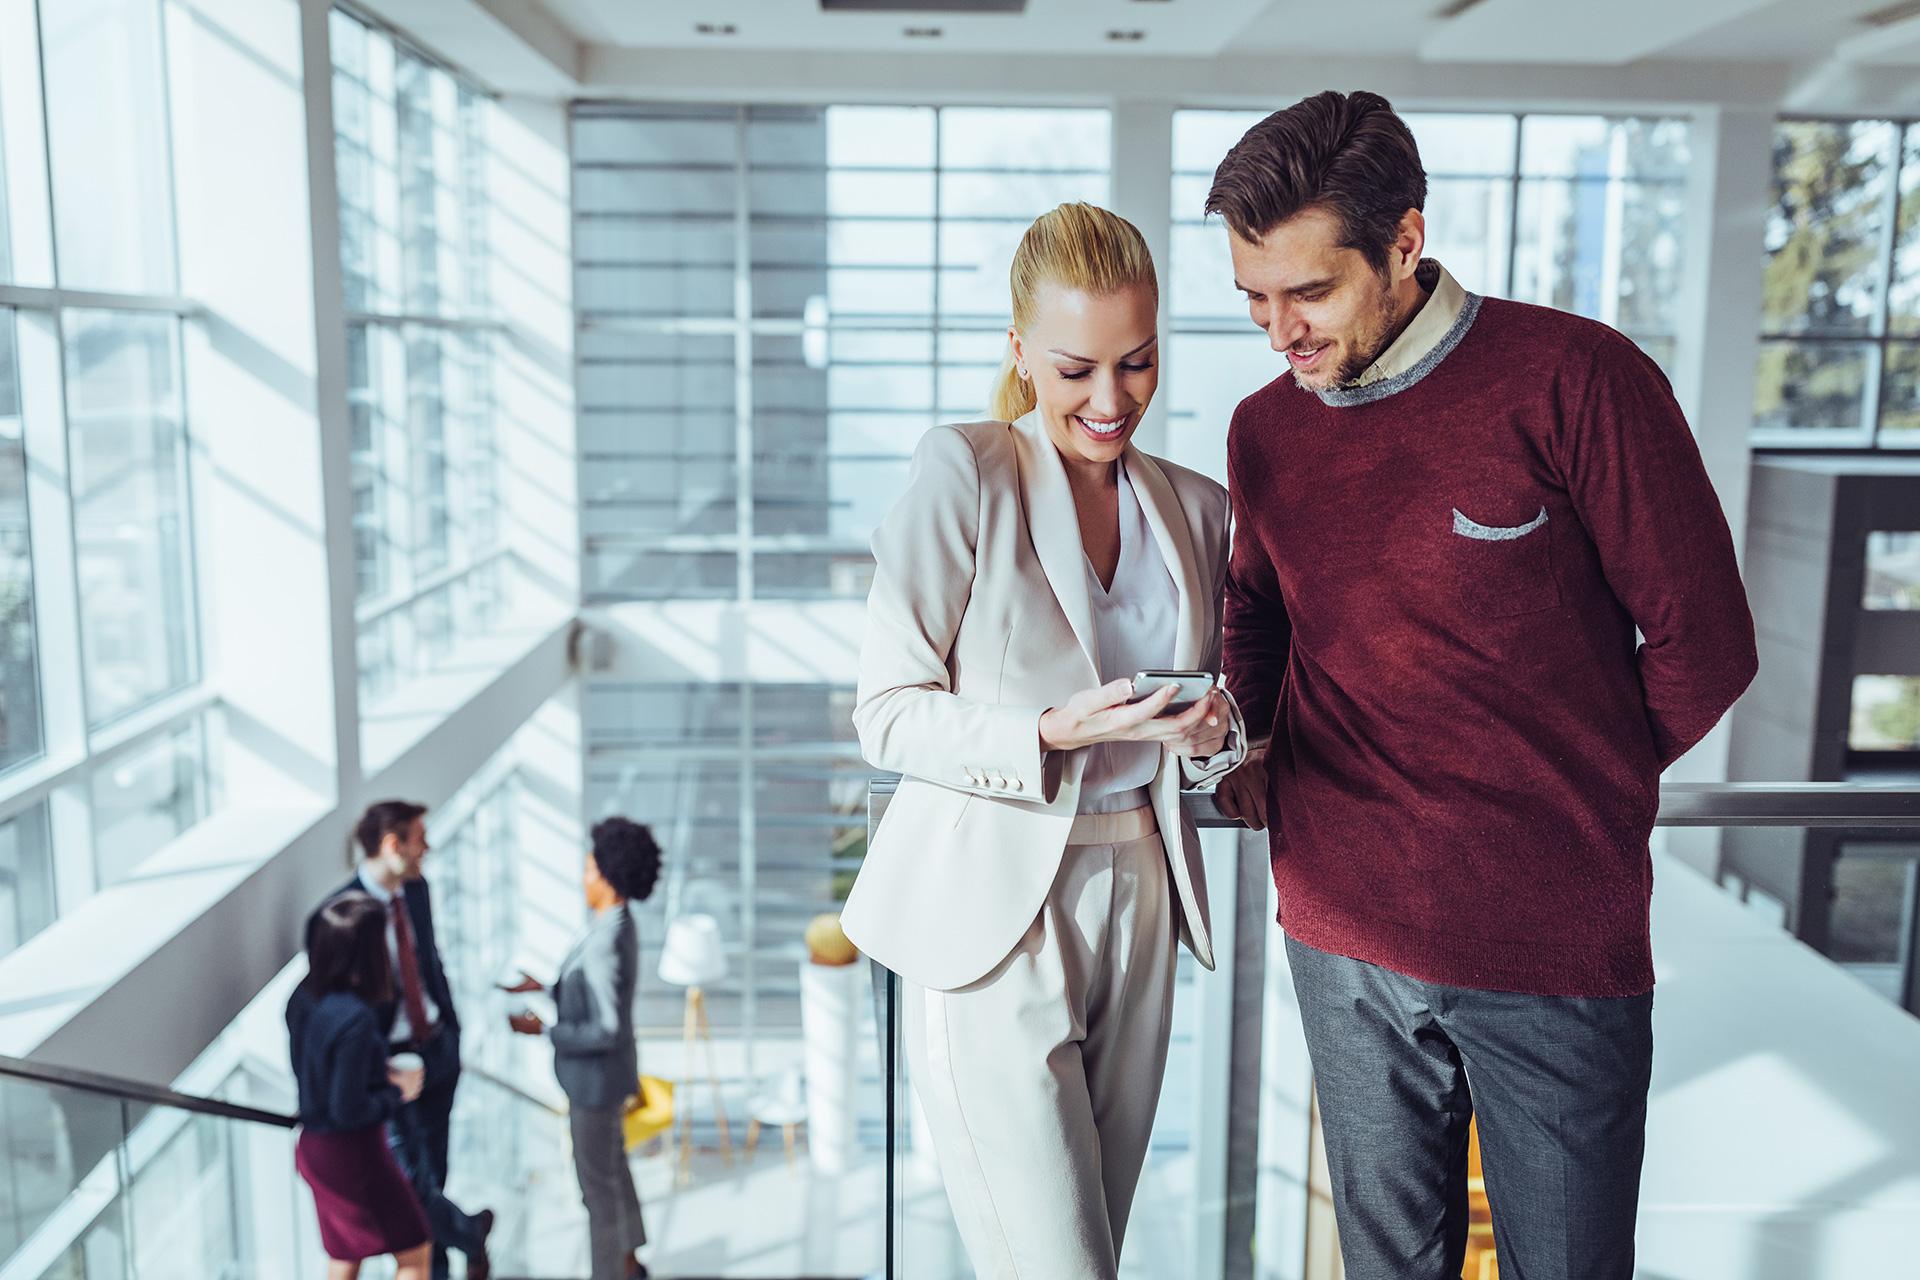 Kobieta pokazuje coś mężczyźnie na telefonie, ilustracja do artykułu o AFAIK